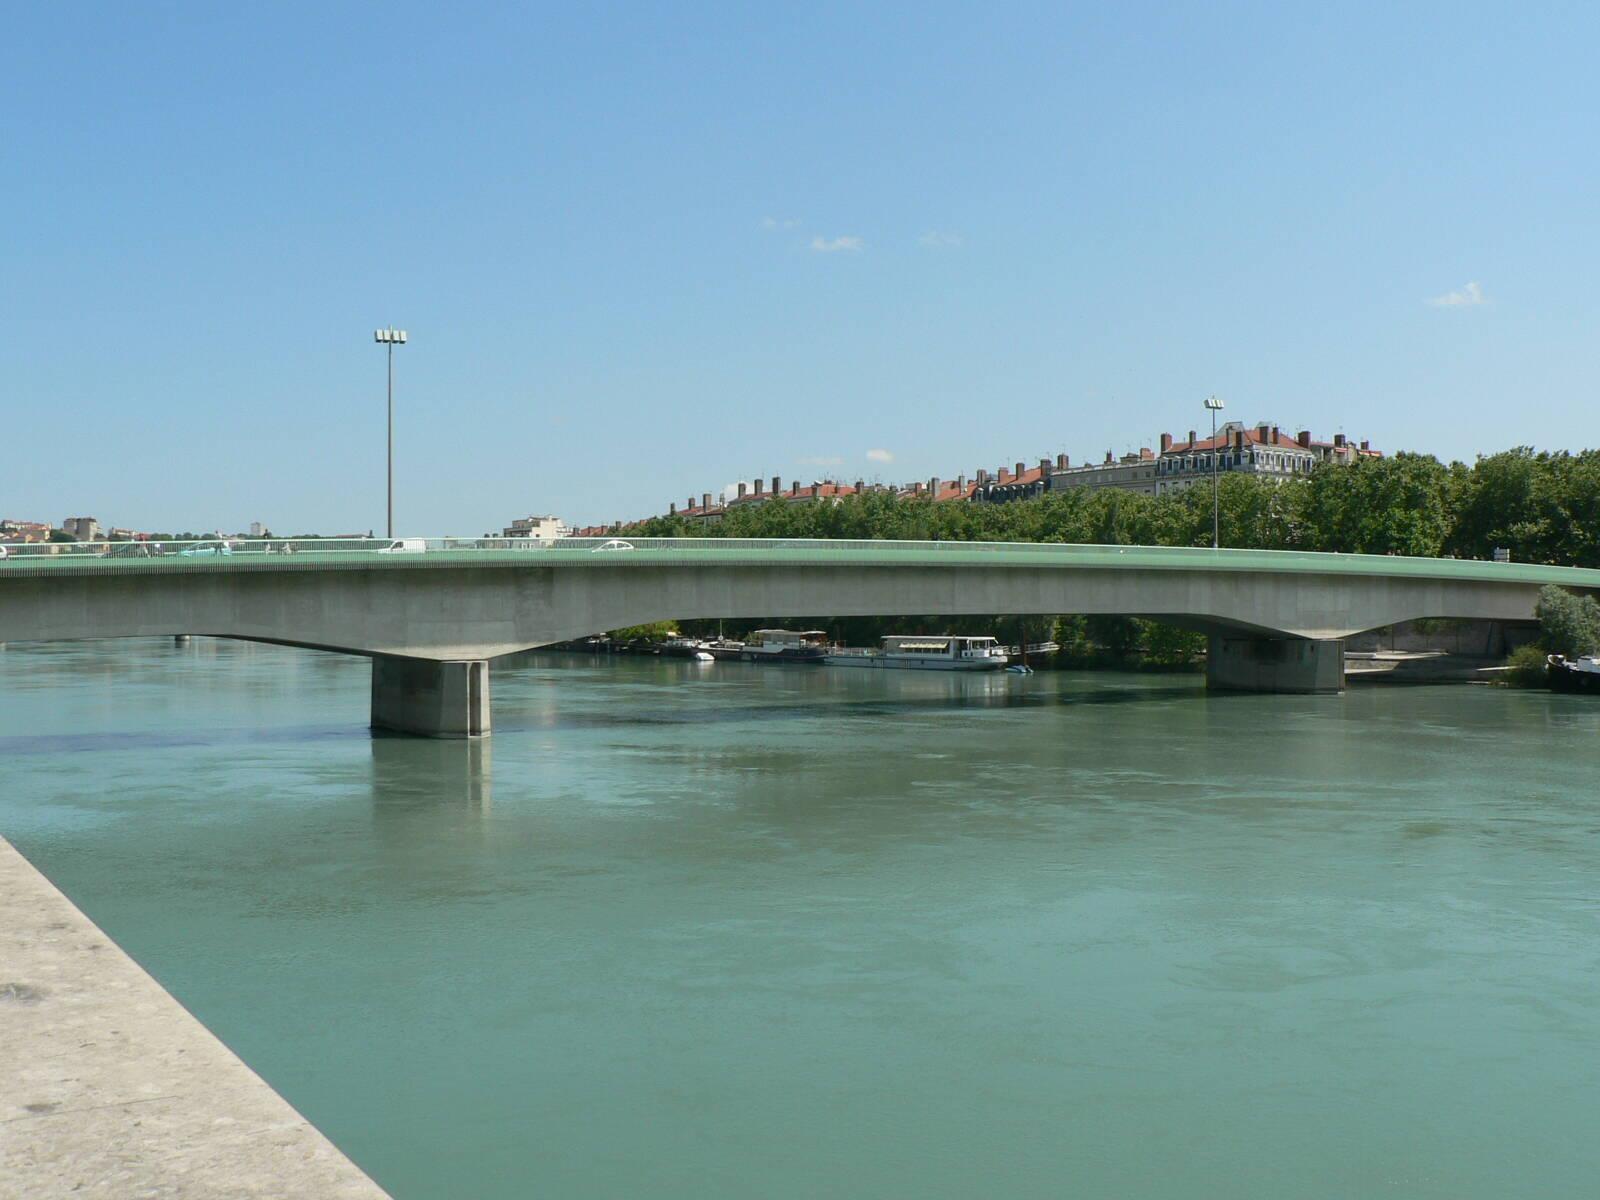 Le saviez-vous ? La ligne A du métro traverse le Rhône à l'intérieur d'un pont !